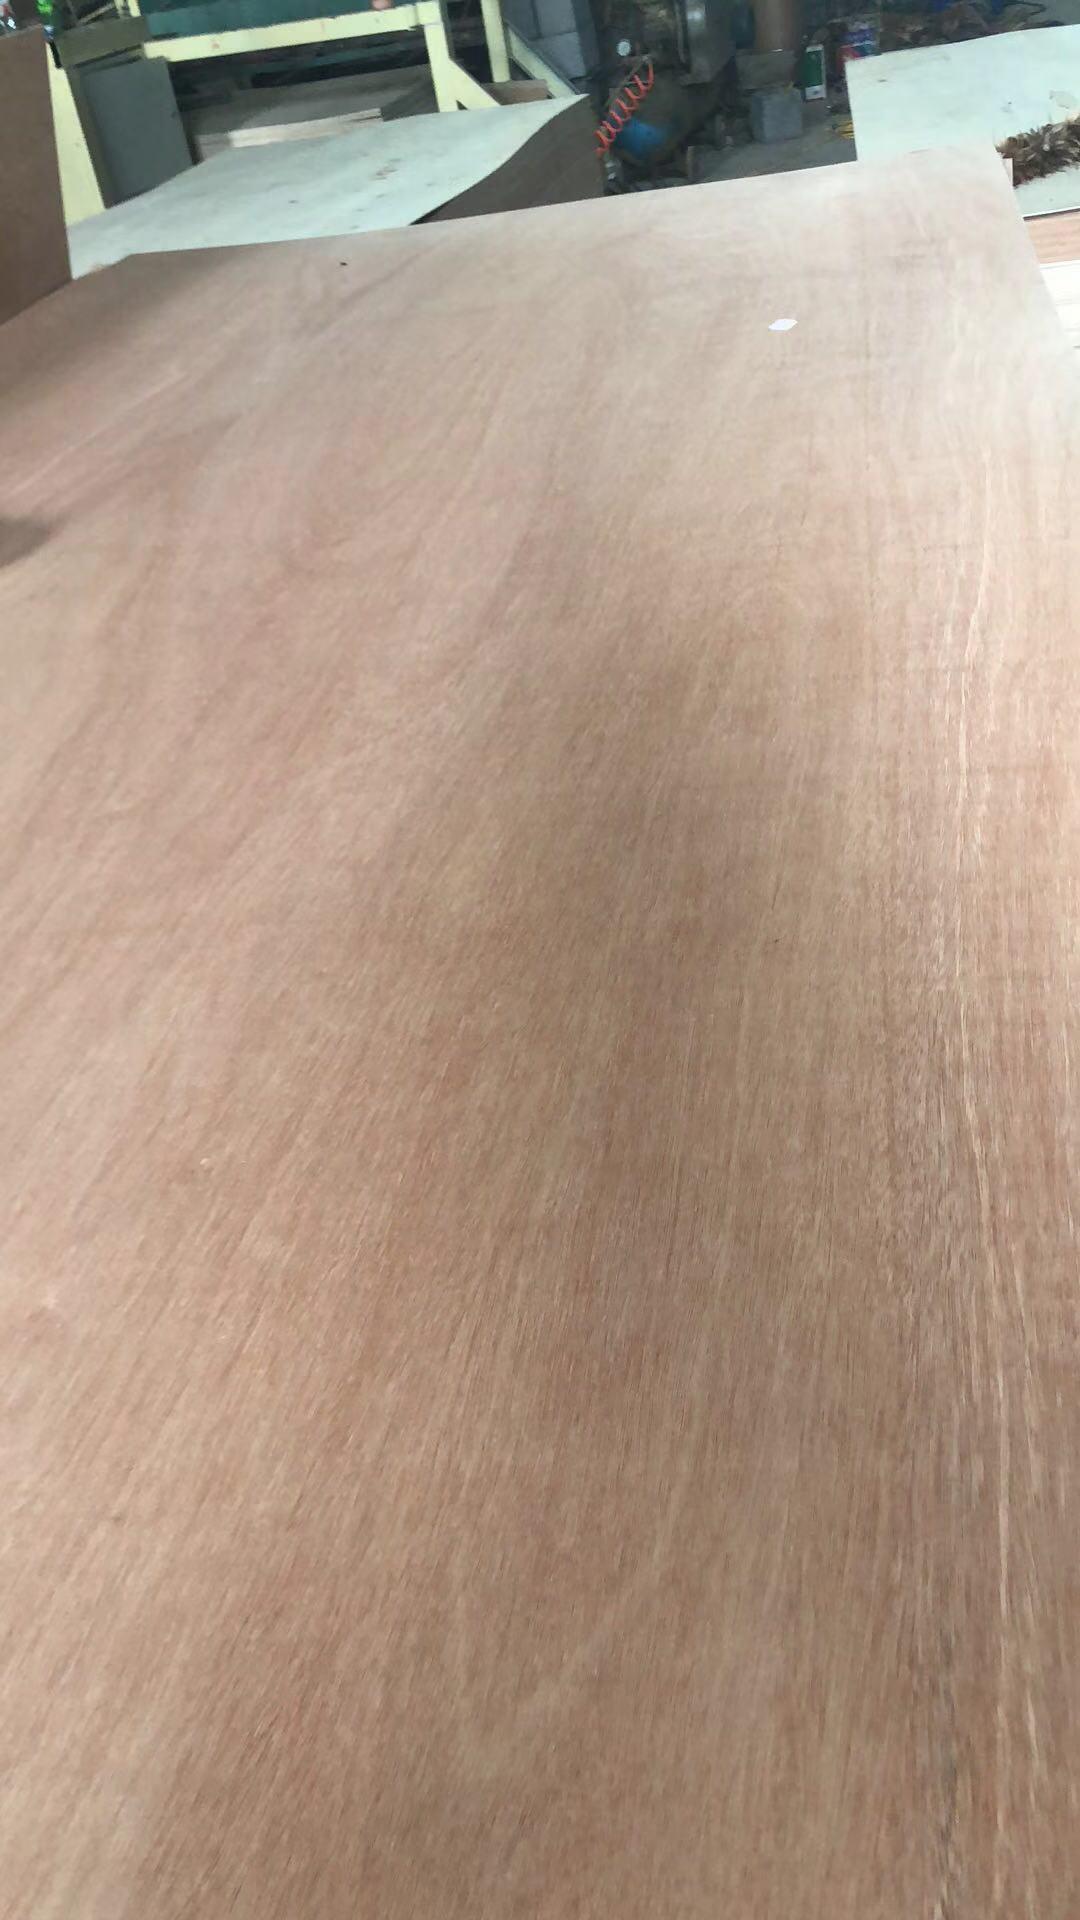 China Eucalyptus Hardwood Plywood With